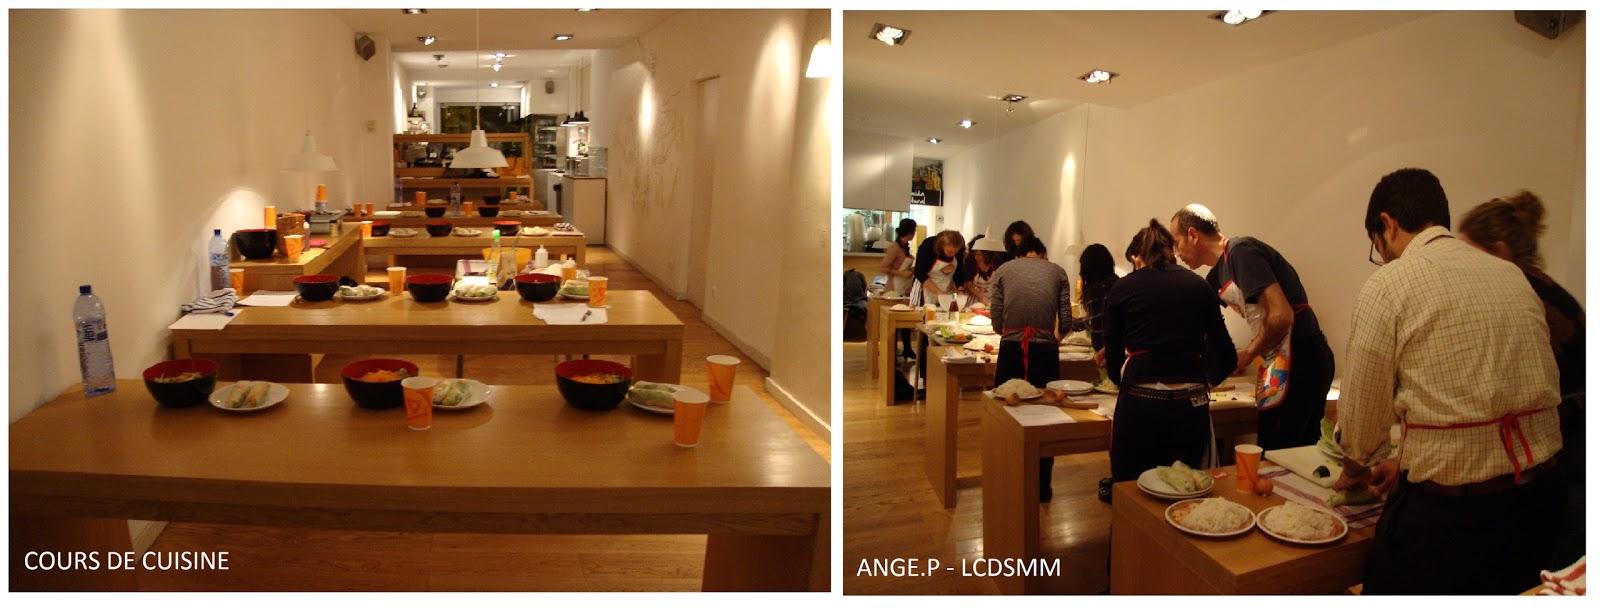 La cuisine des soeurs miam miam cours de cuisine for Apprendre cuisine asiatique